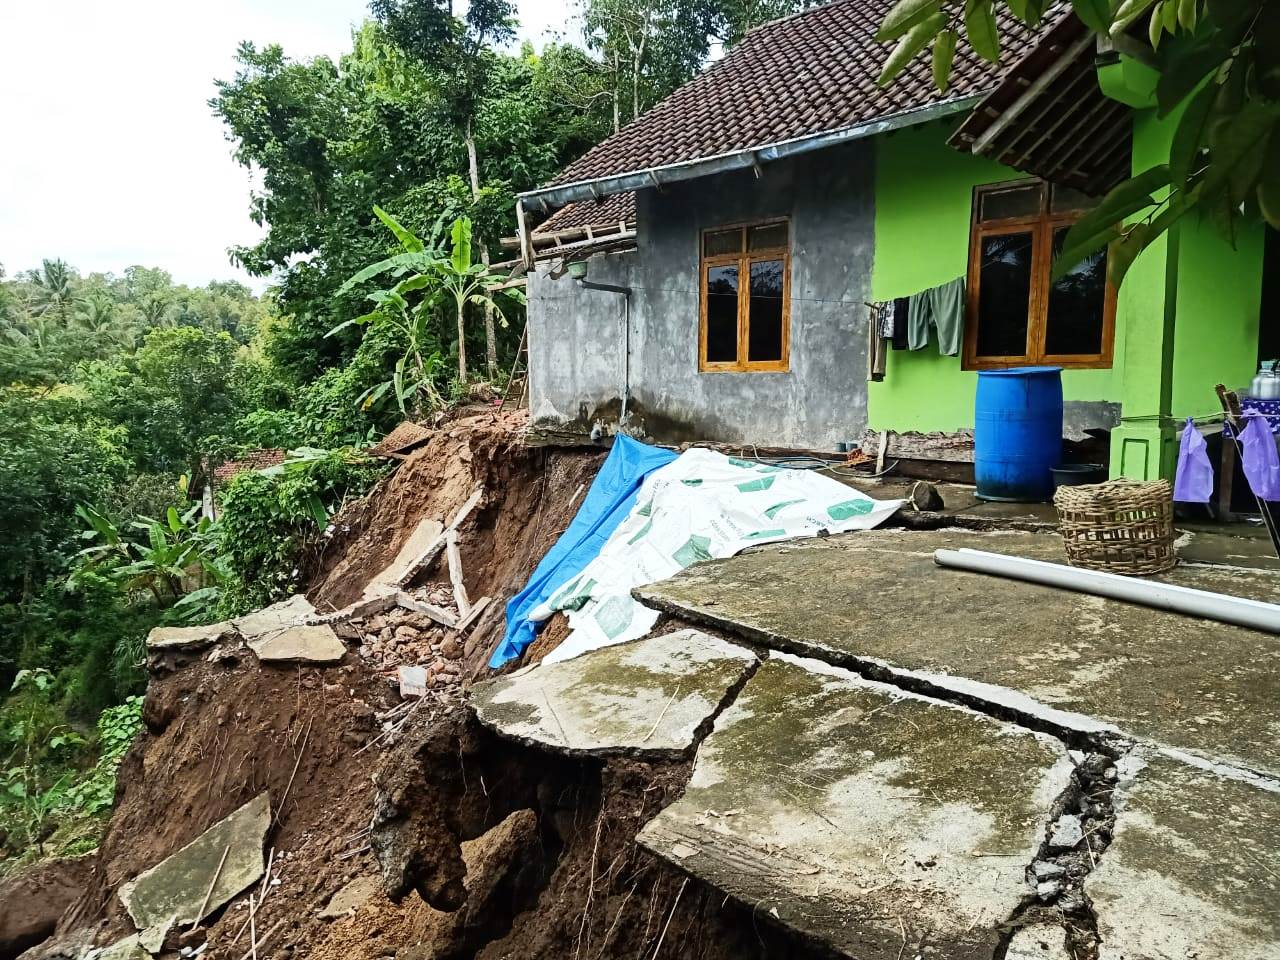 Curah Hujan Tinggi, Ganjar Perintahkan Daerah Rawan Bencana Siaga